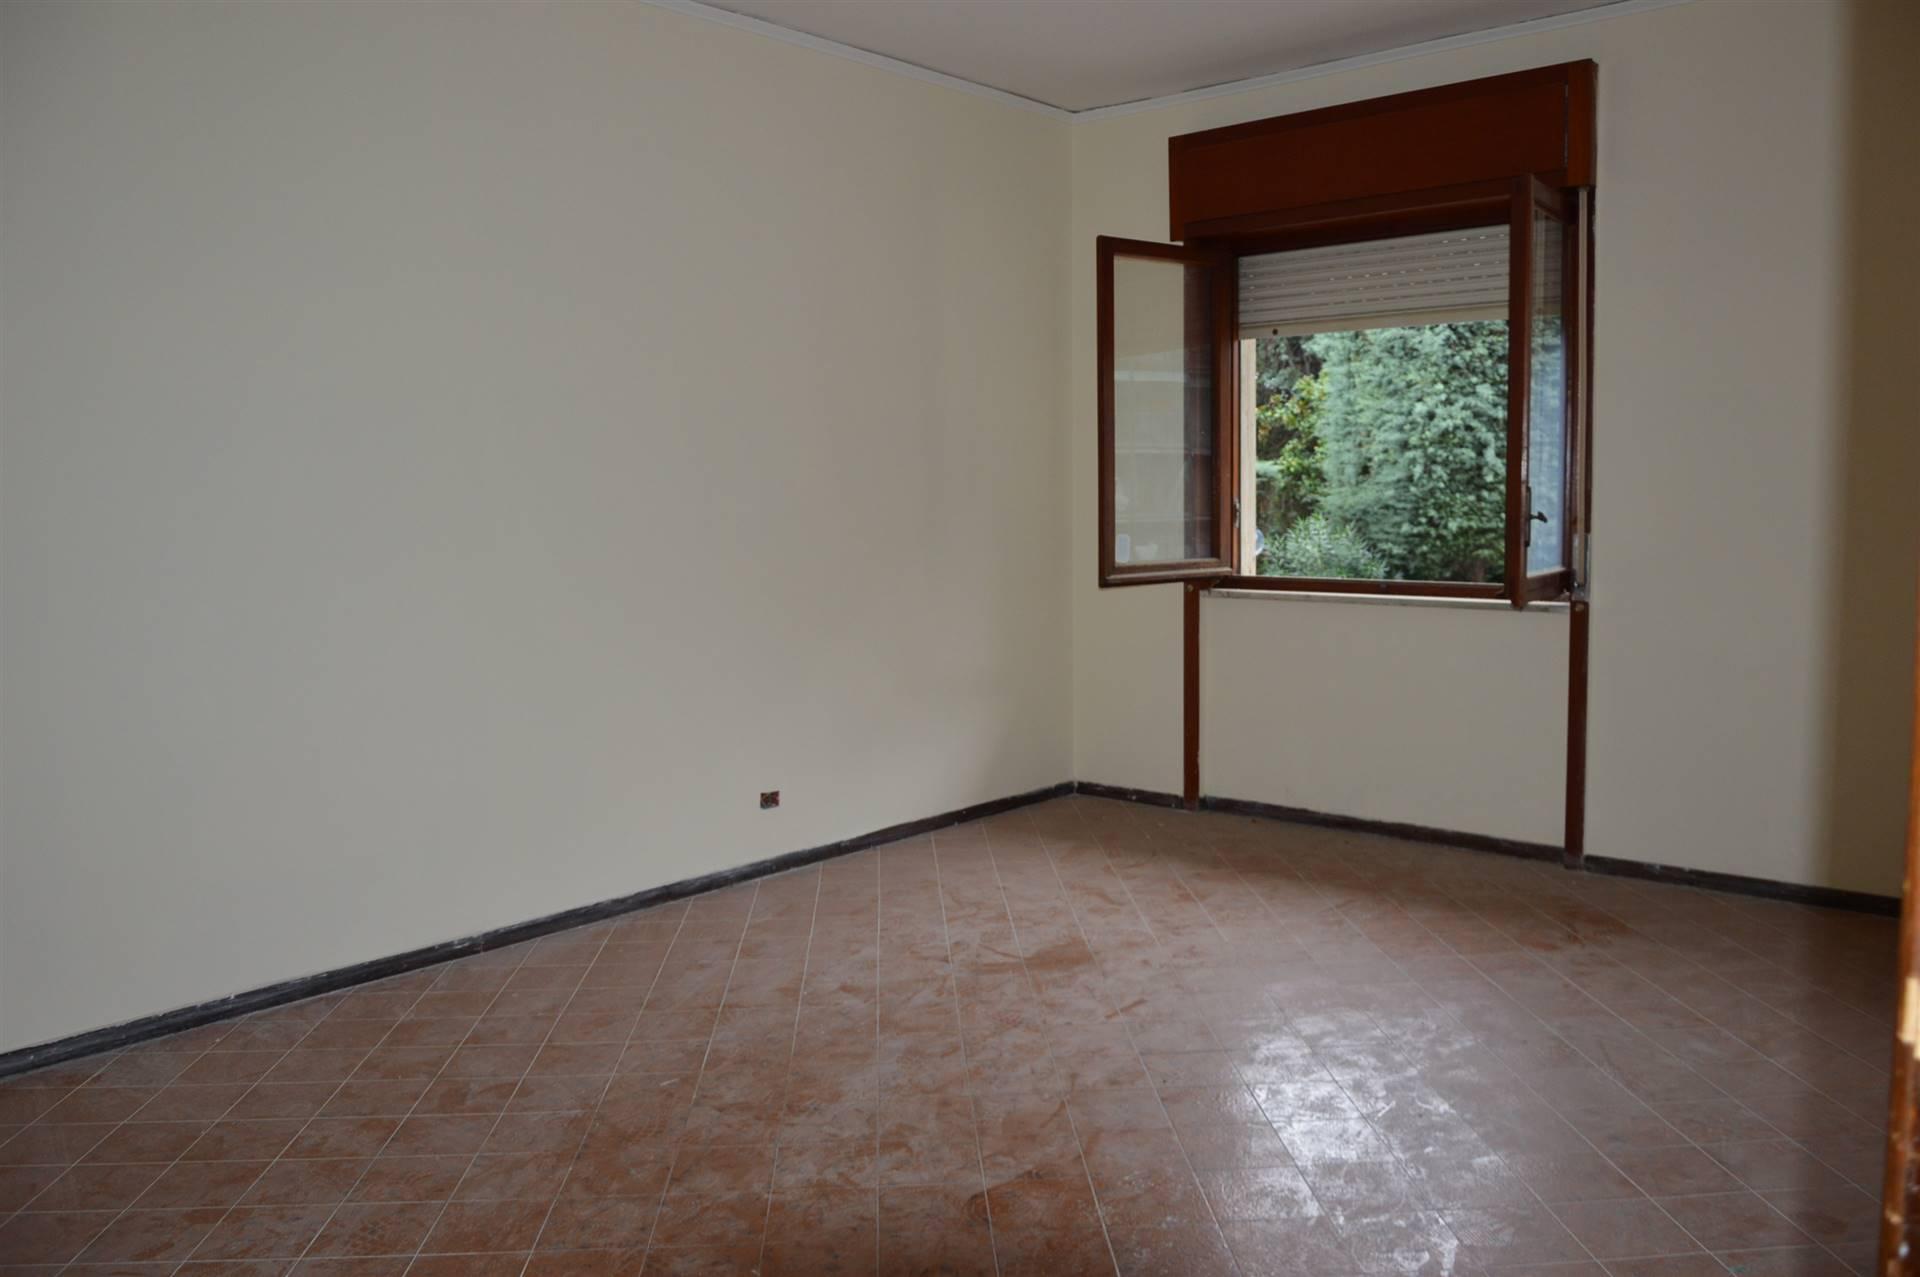 Appartamento in vendita a Pontecagnano Faiano, 4 locali, zona Località: SANTANTONIO A PICENZA, prezzo € 115.000 | CambioCasa.it